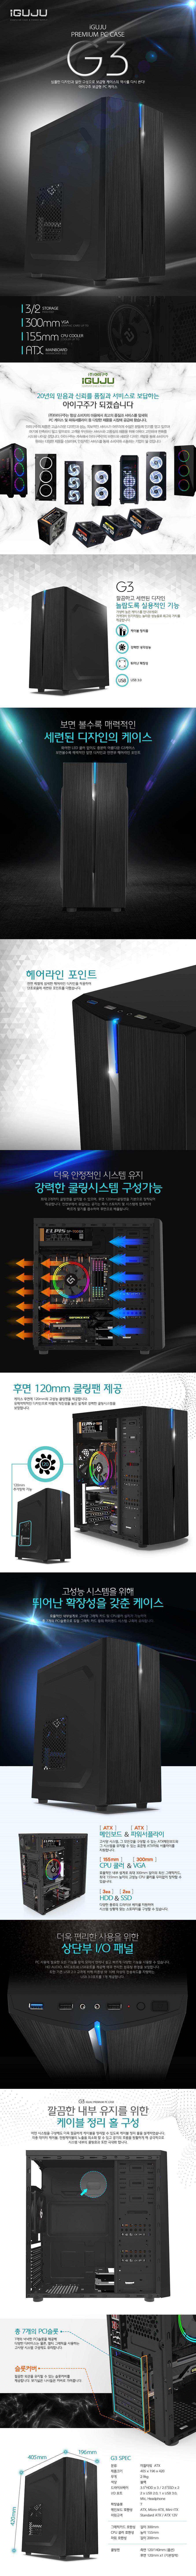 아이구주  G3 USB 3.0